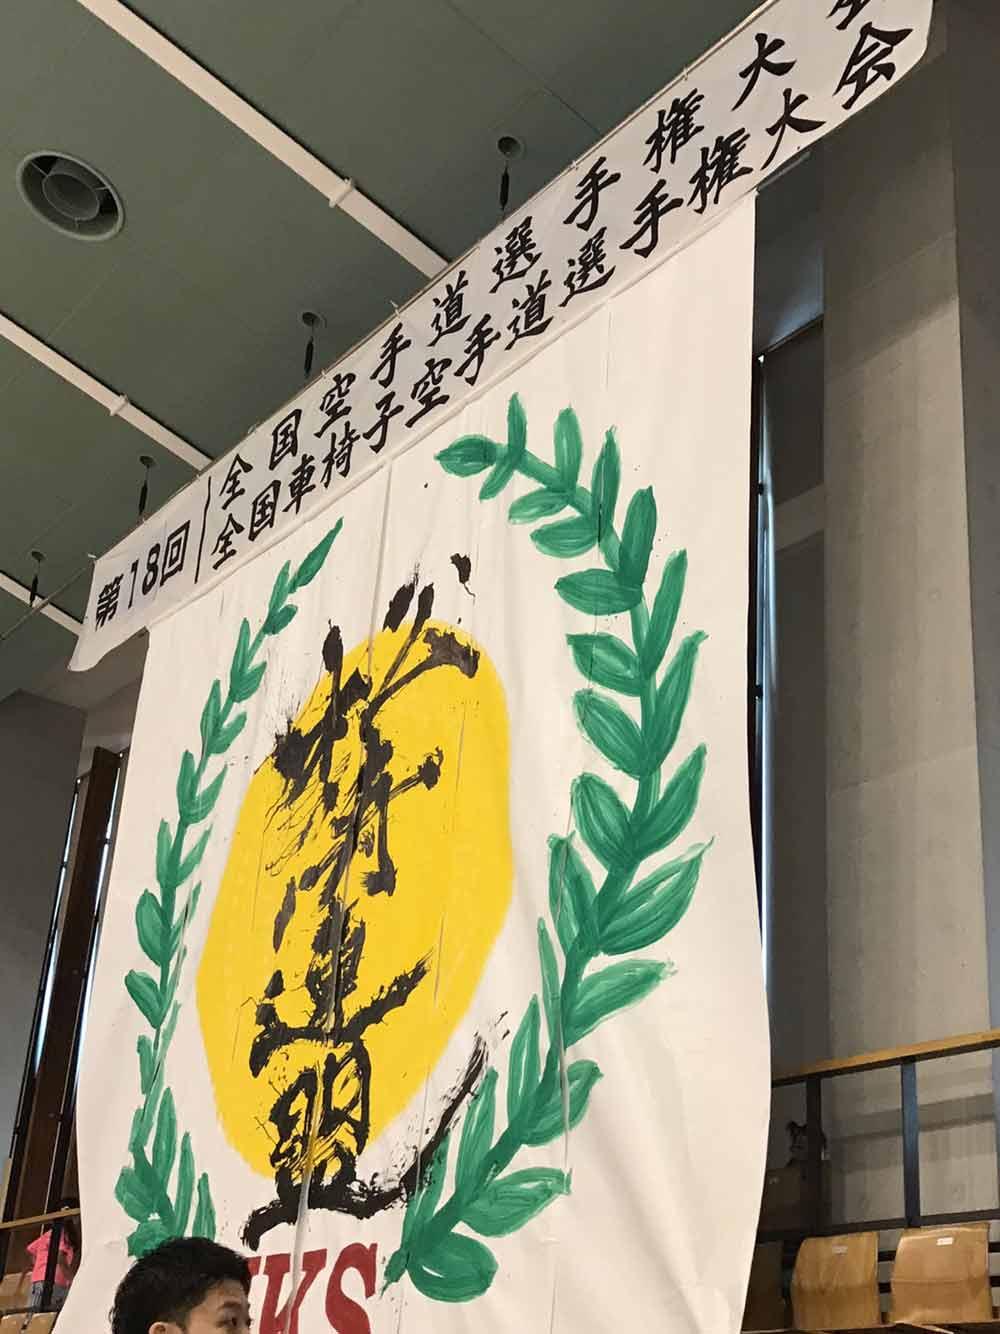 第18回松涛連盟全国空手道選手権大会での大文字幕